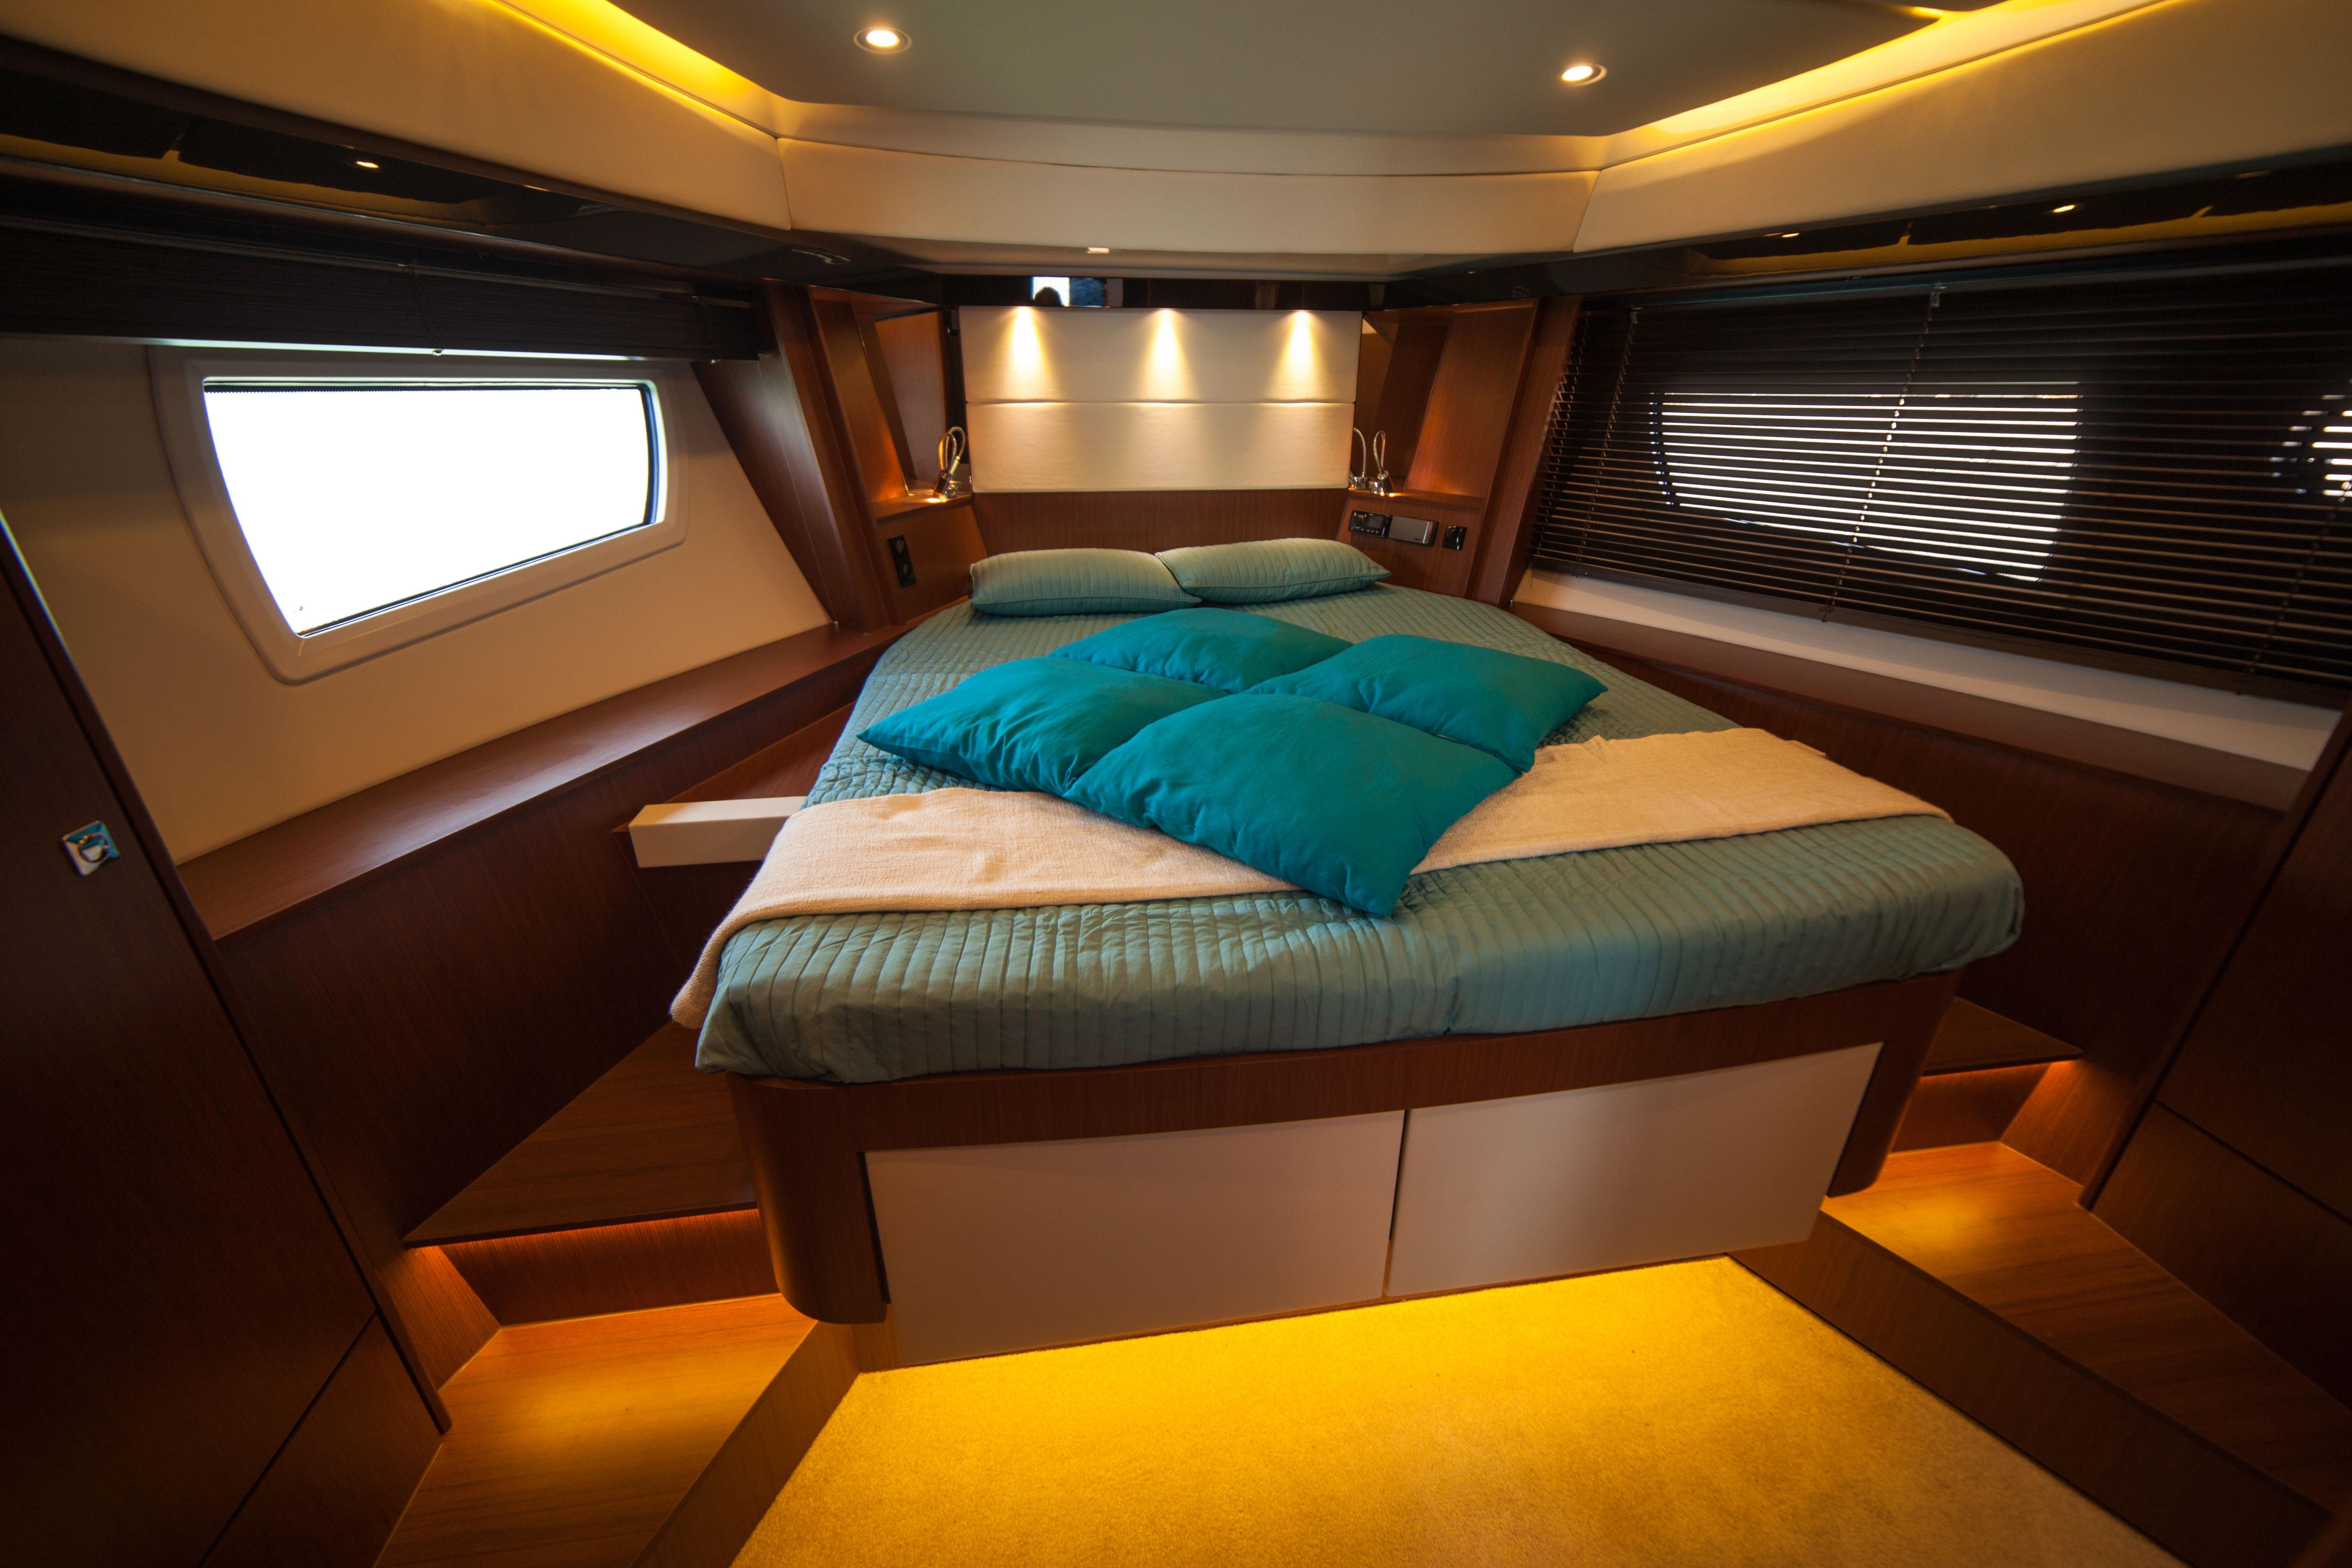 fotos gratis barco interior enviar veh culo cabina habitaci n cama embarcaciones buque. Black Bedroom Furniture Sets. Home Design Ideas